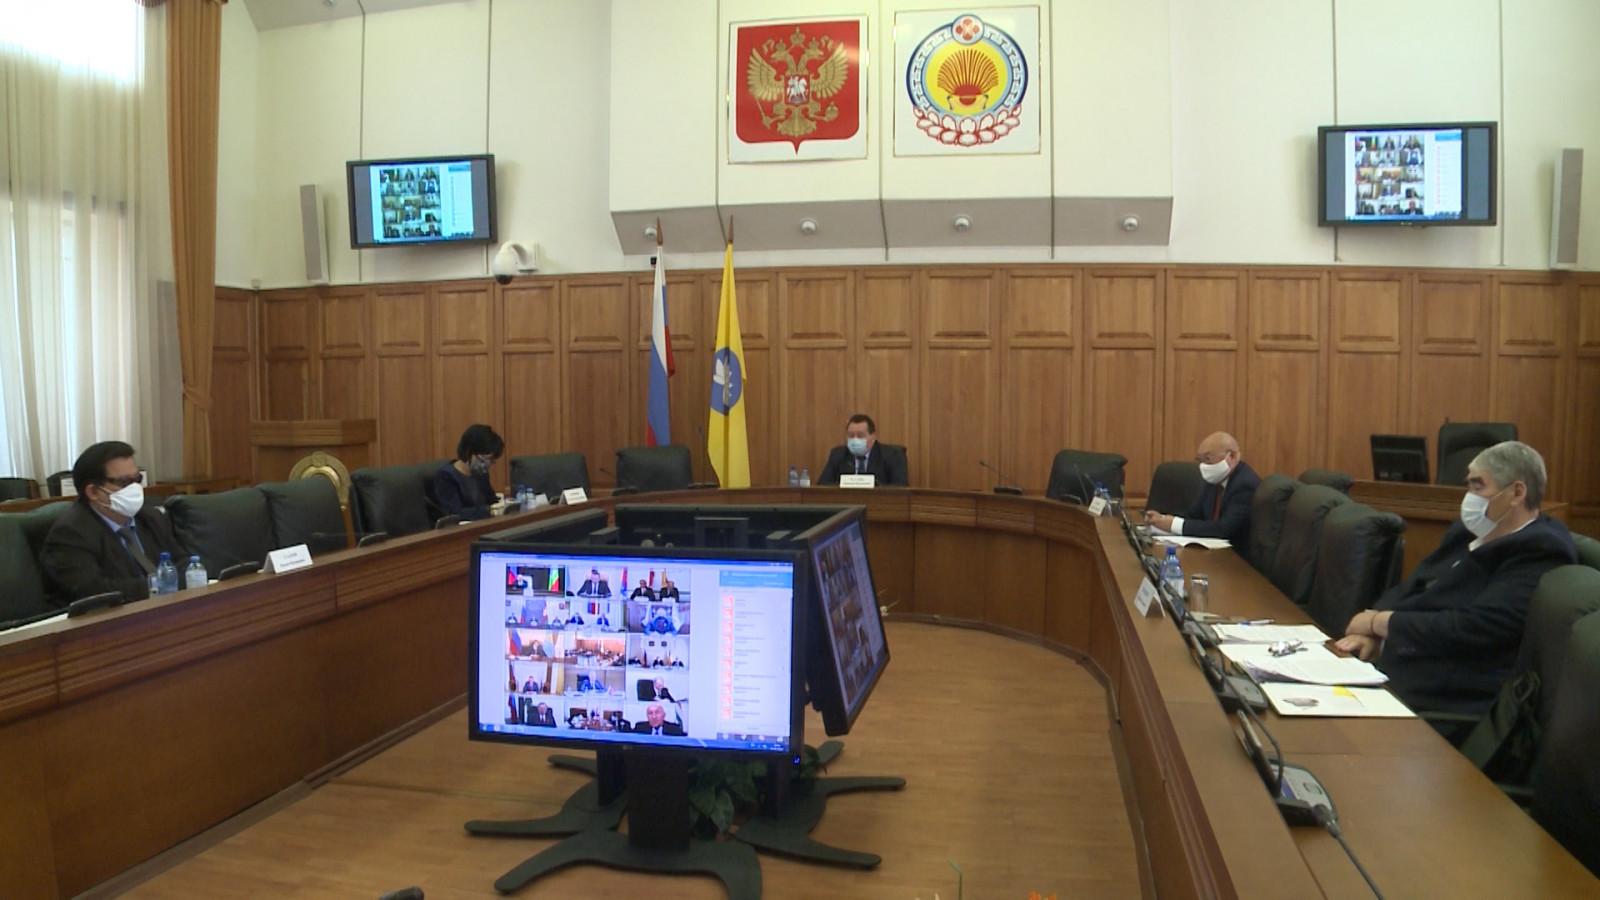 Сегодня завершила работу 32 конференция Южно-российской парламентской ассоциации